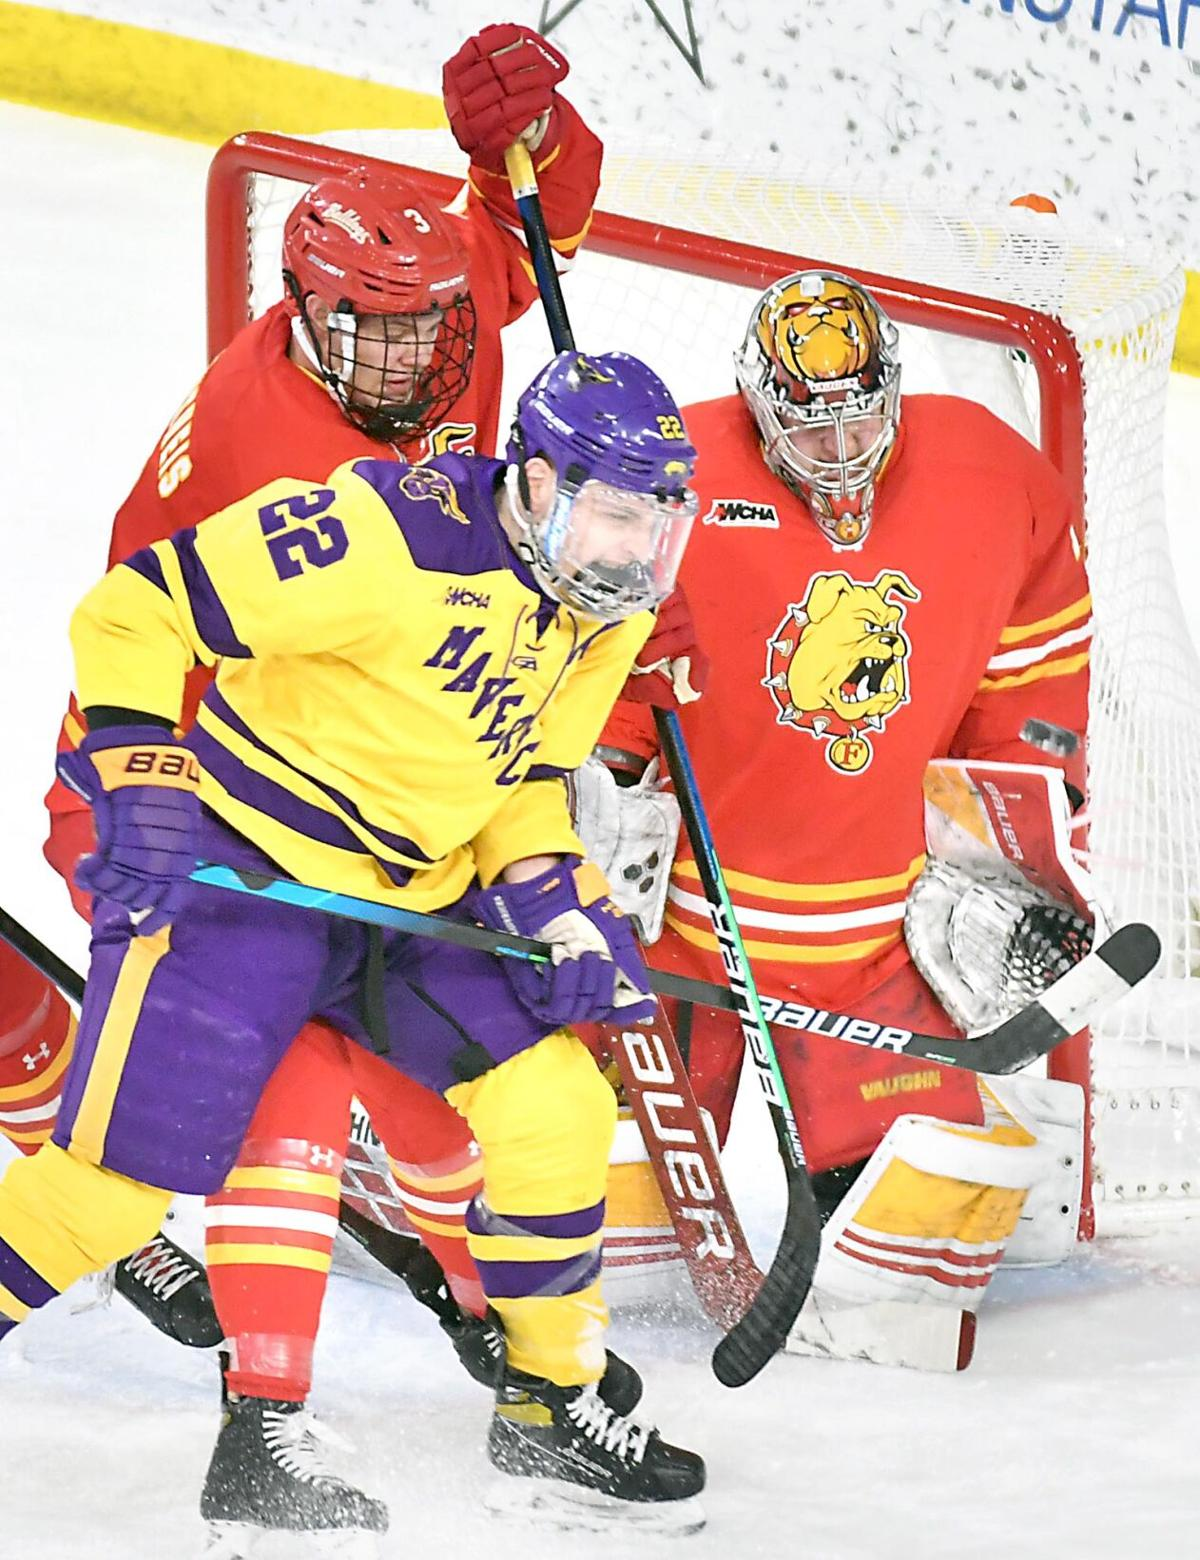 MSU men's hockey v. Ferris State 1